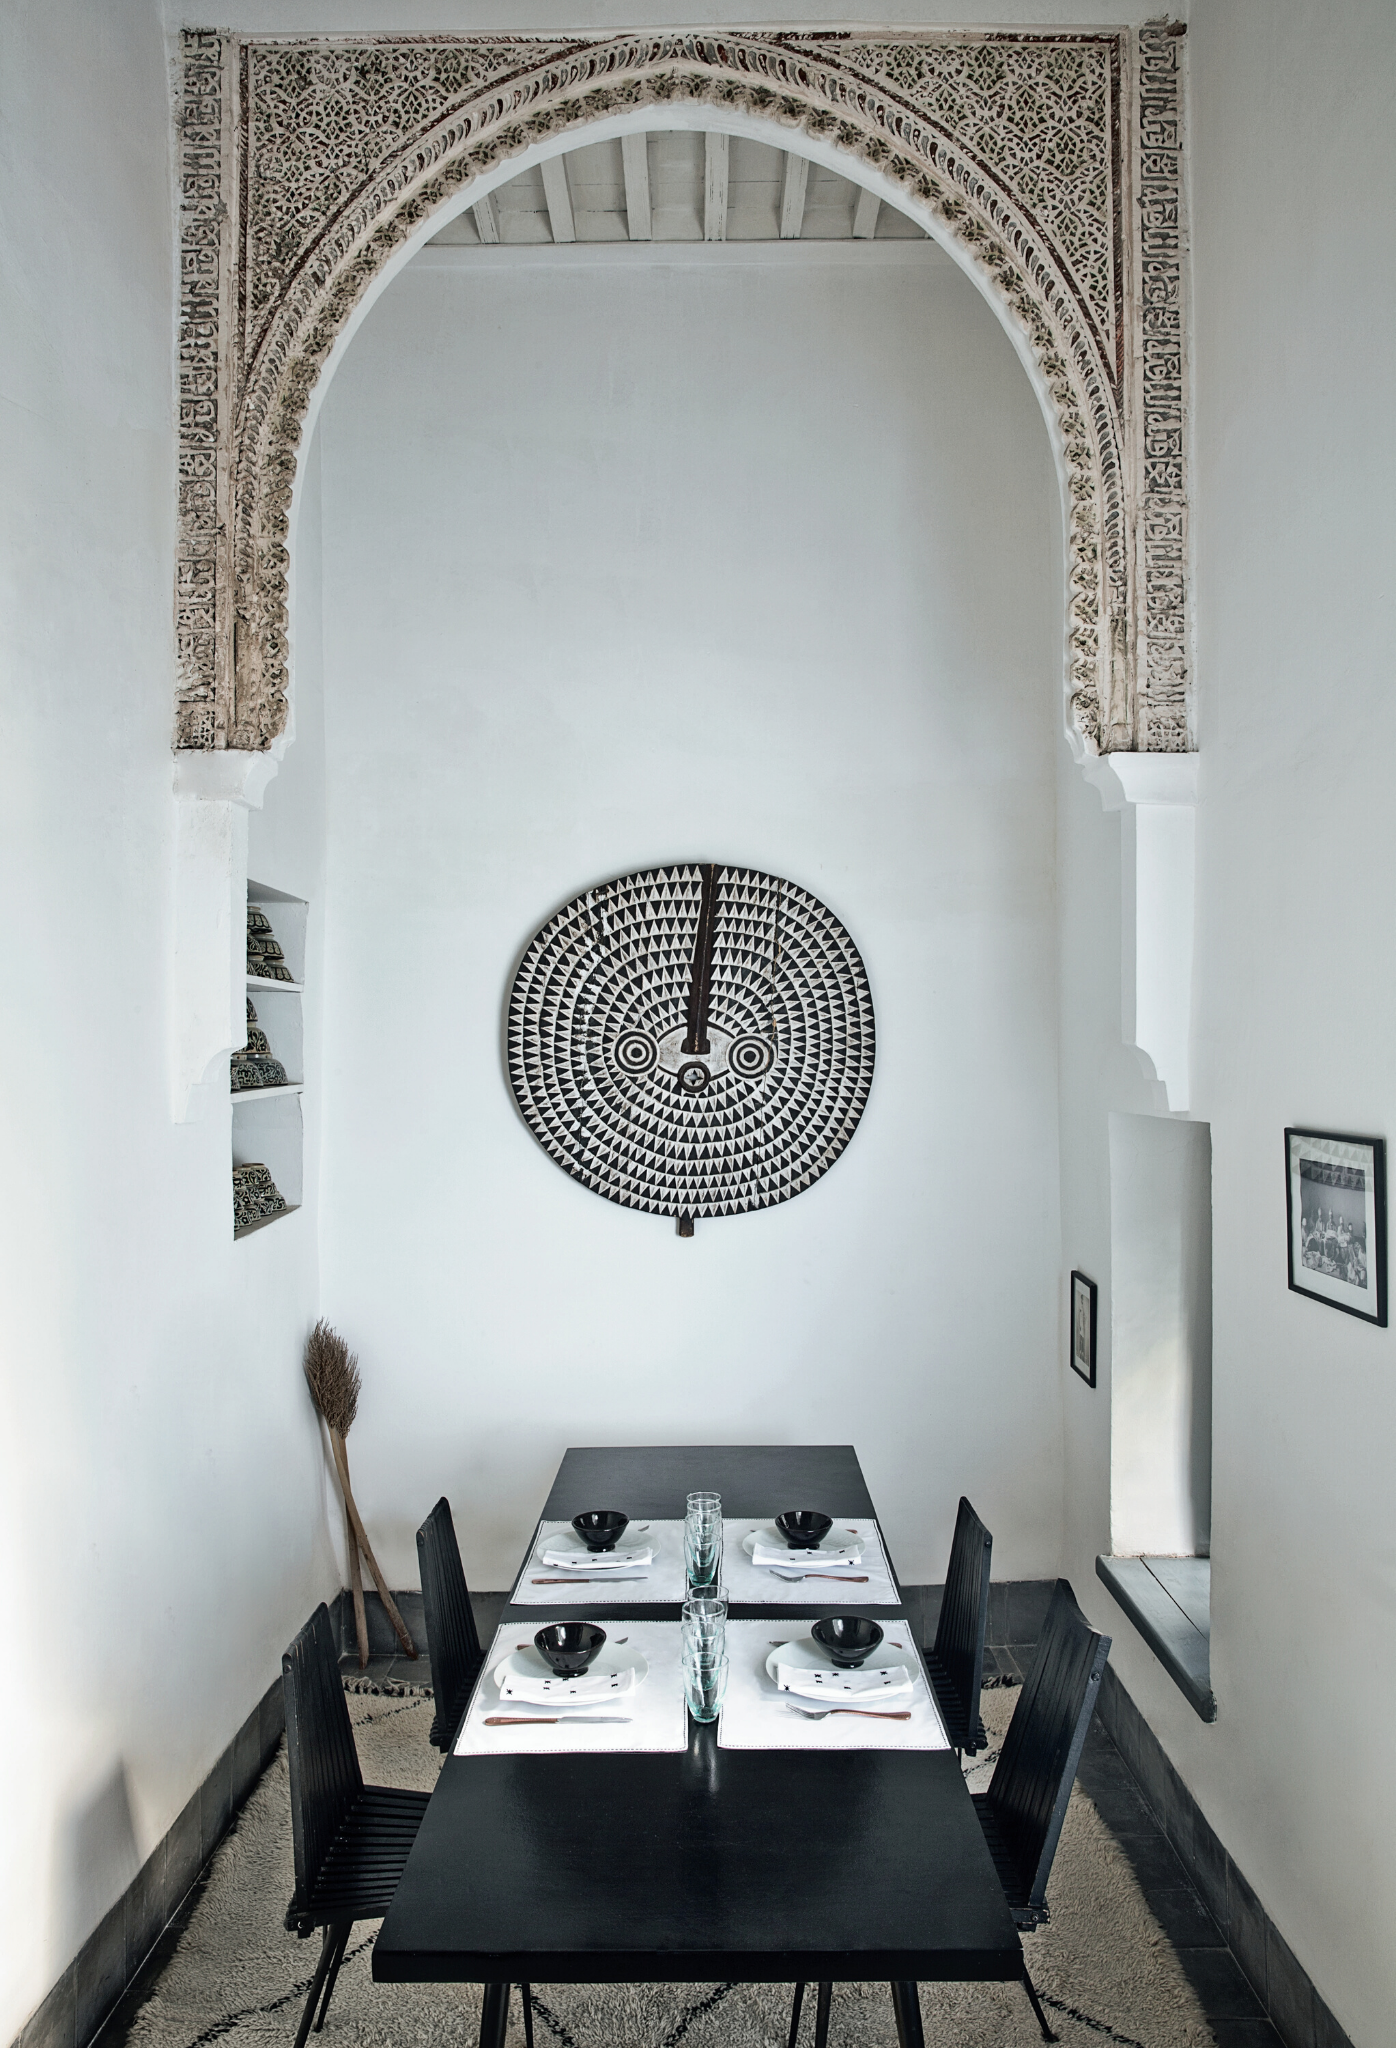 Oaza spokoju - dom Valérie Barkowski w Marrakeszu